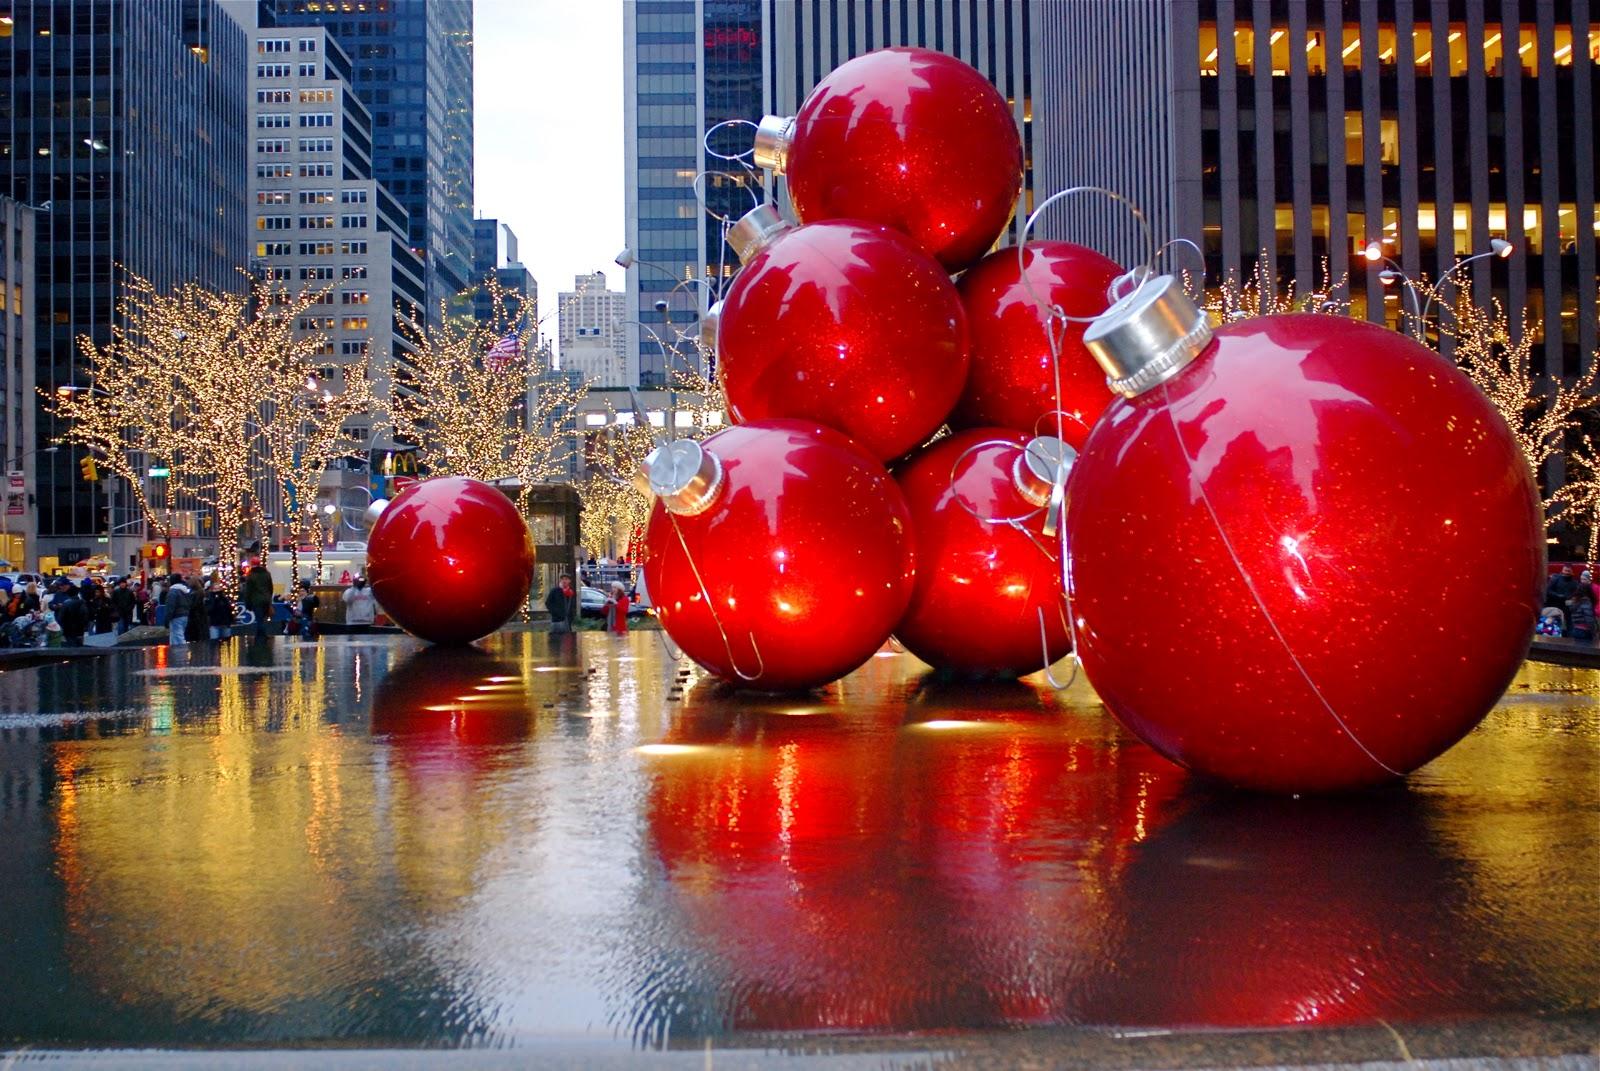 4bpblogspotcom christmas holiday decorations